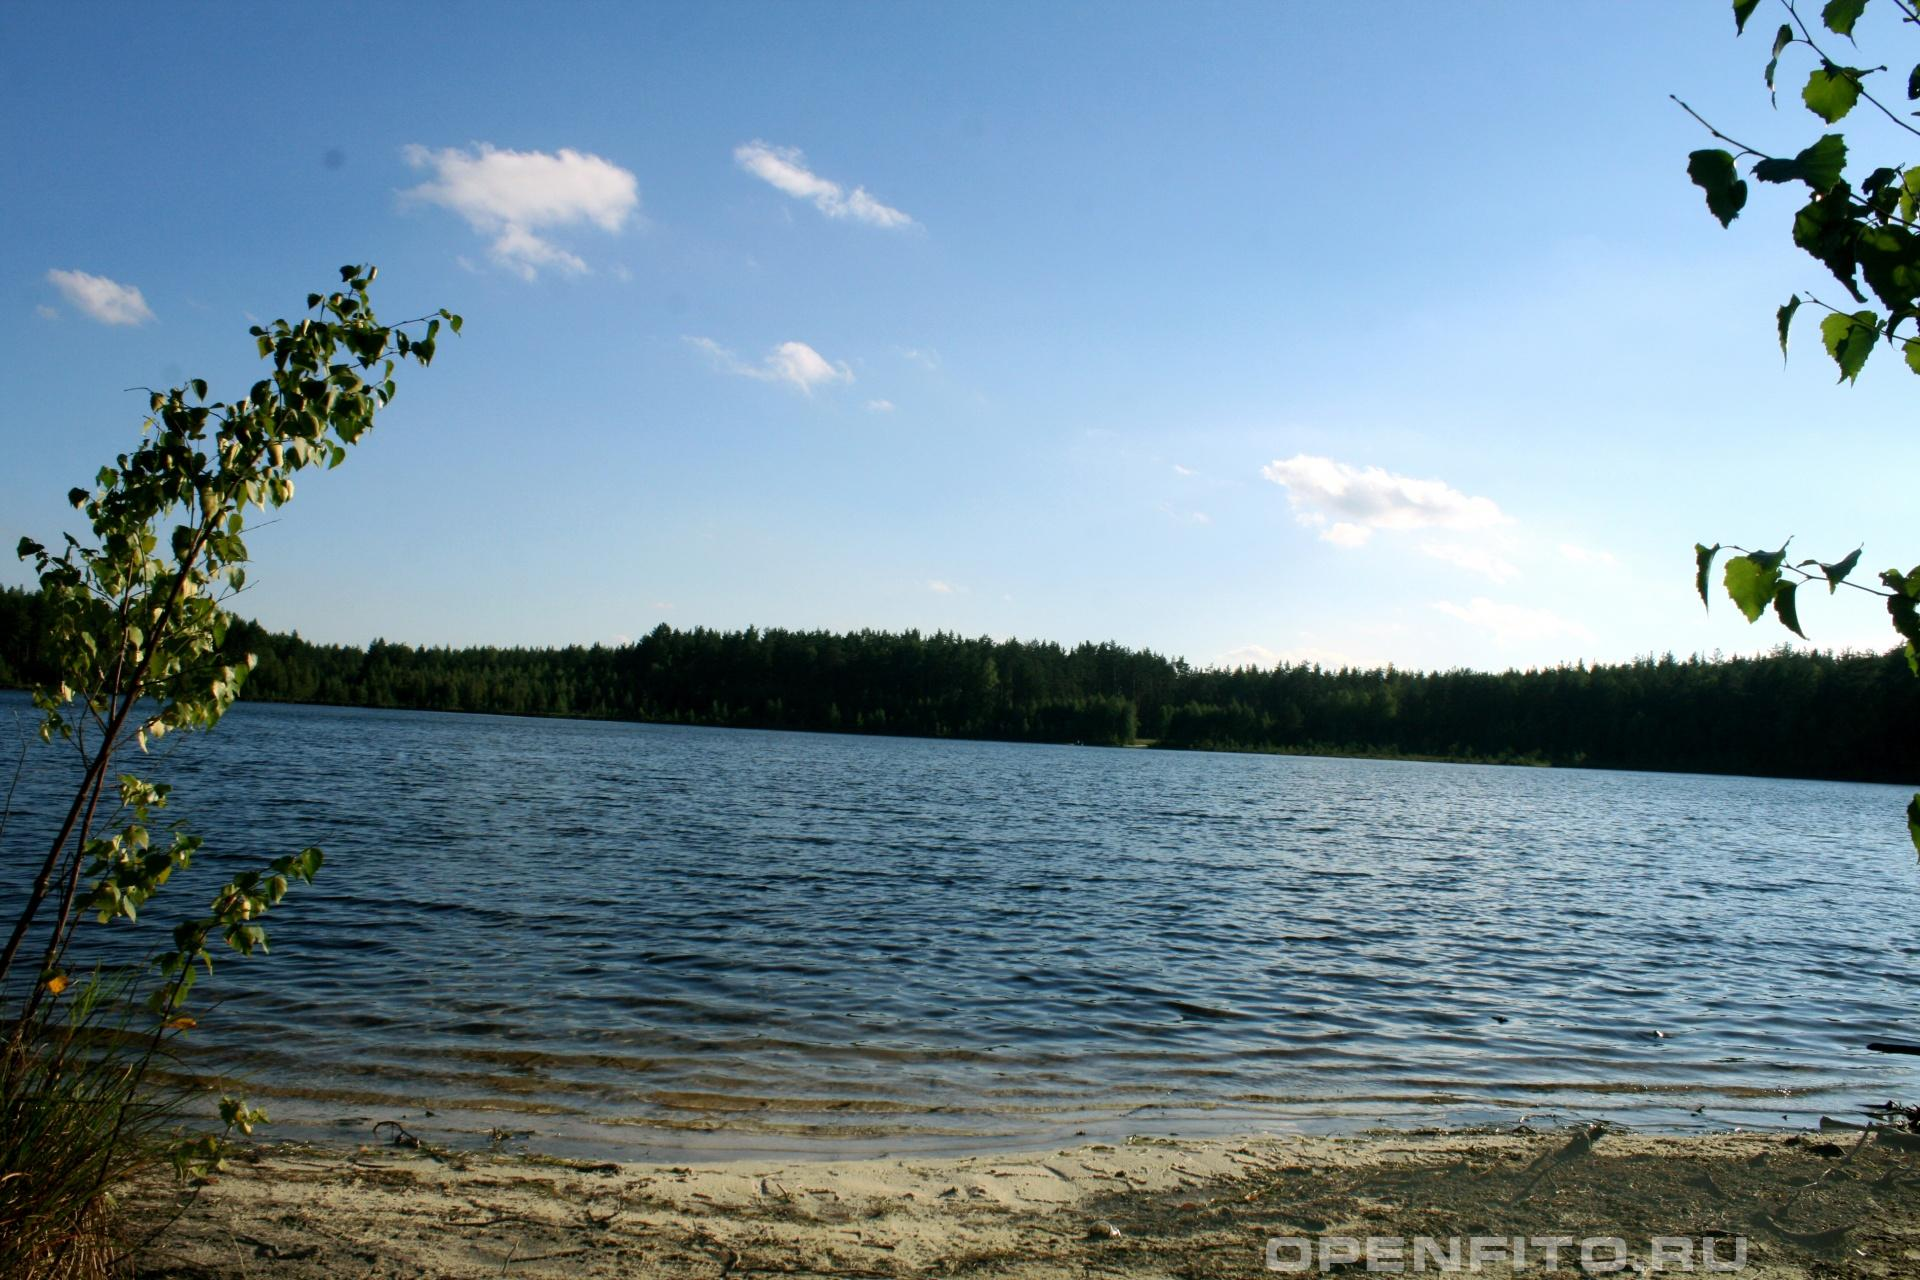 Озеро Западное Южский район